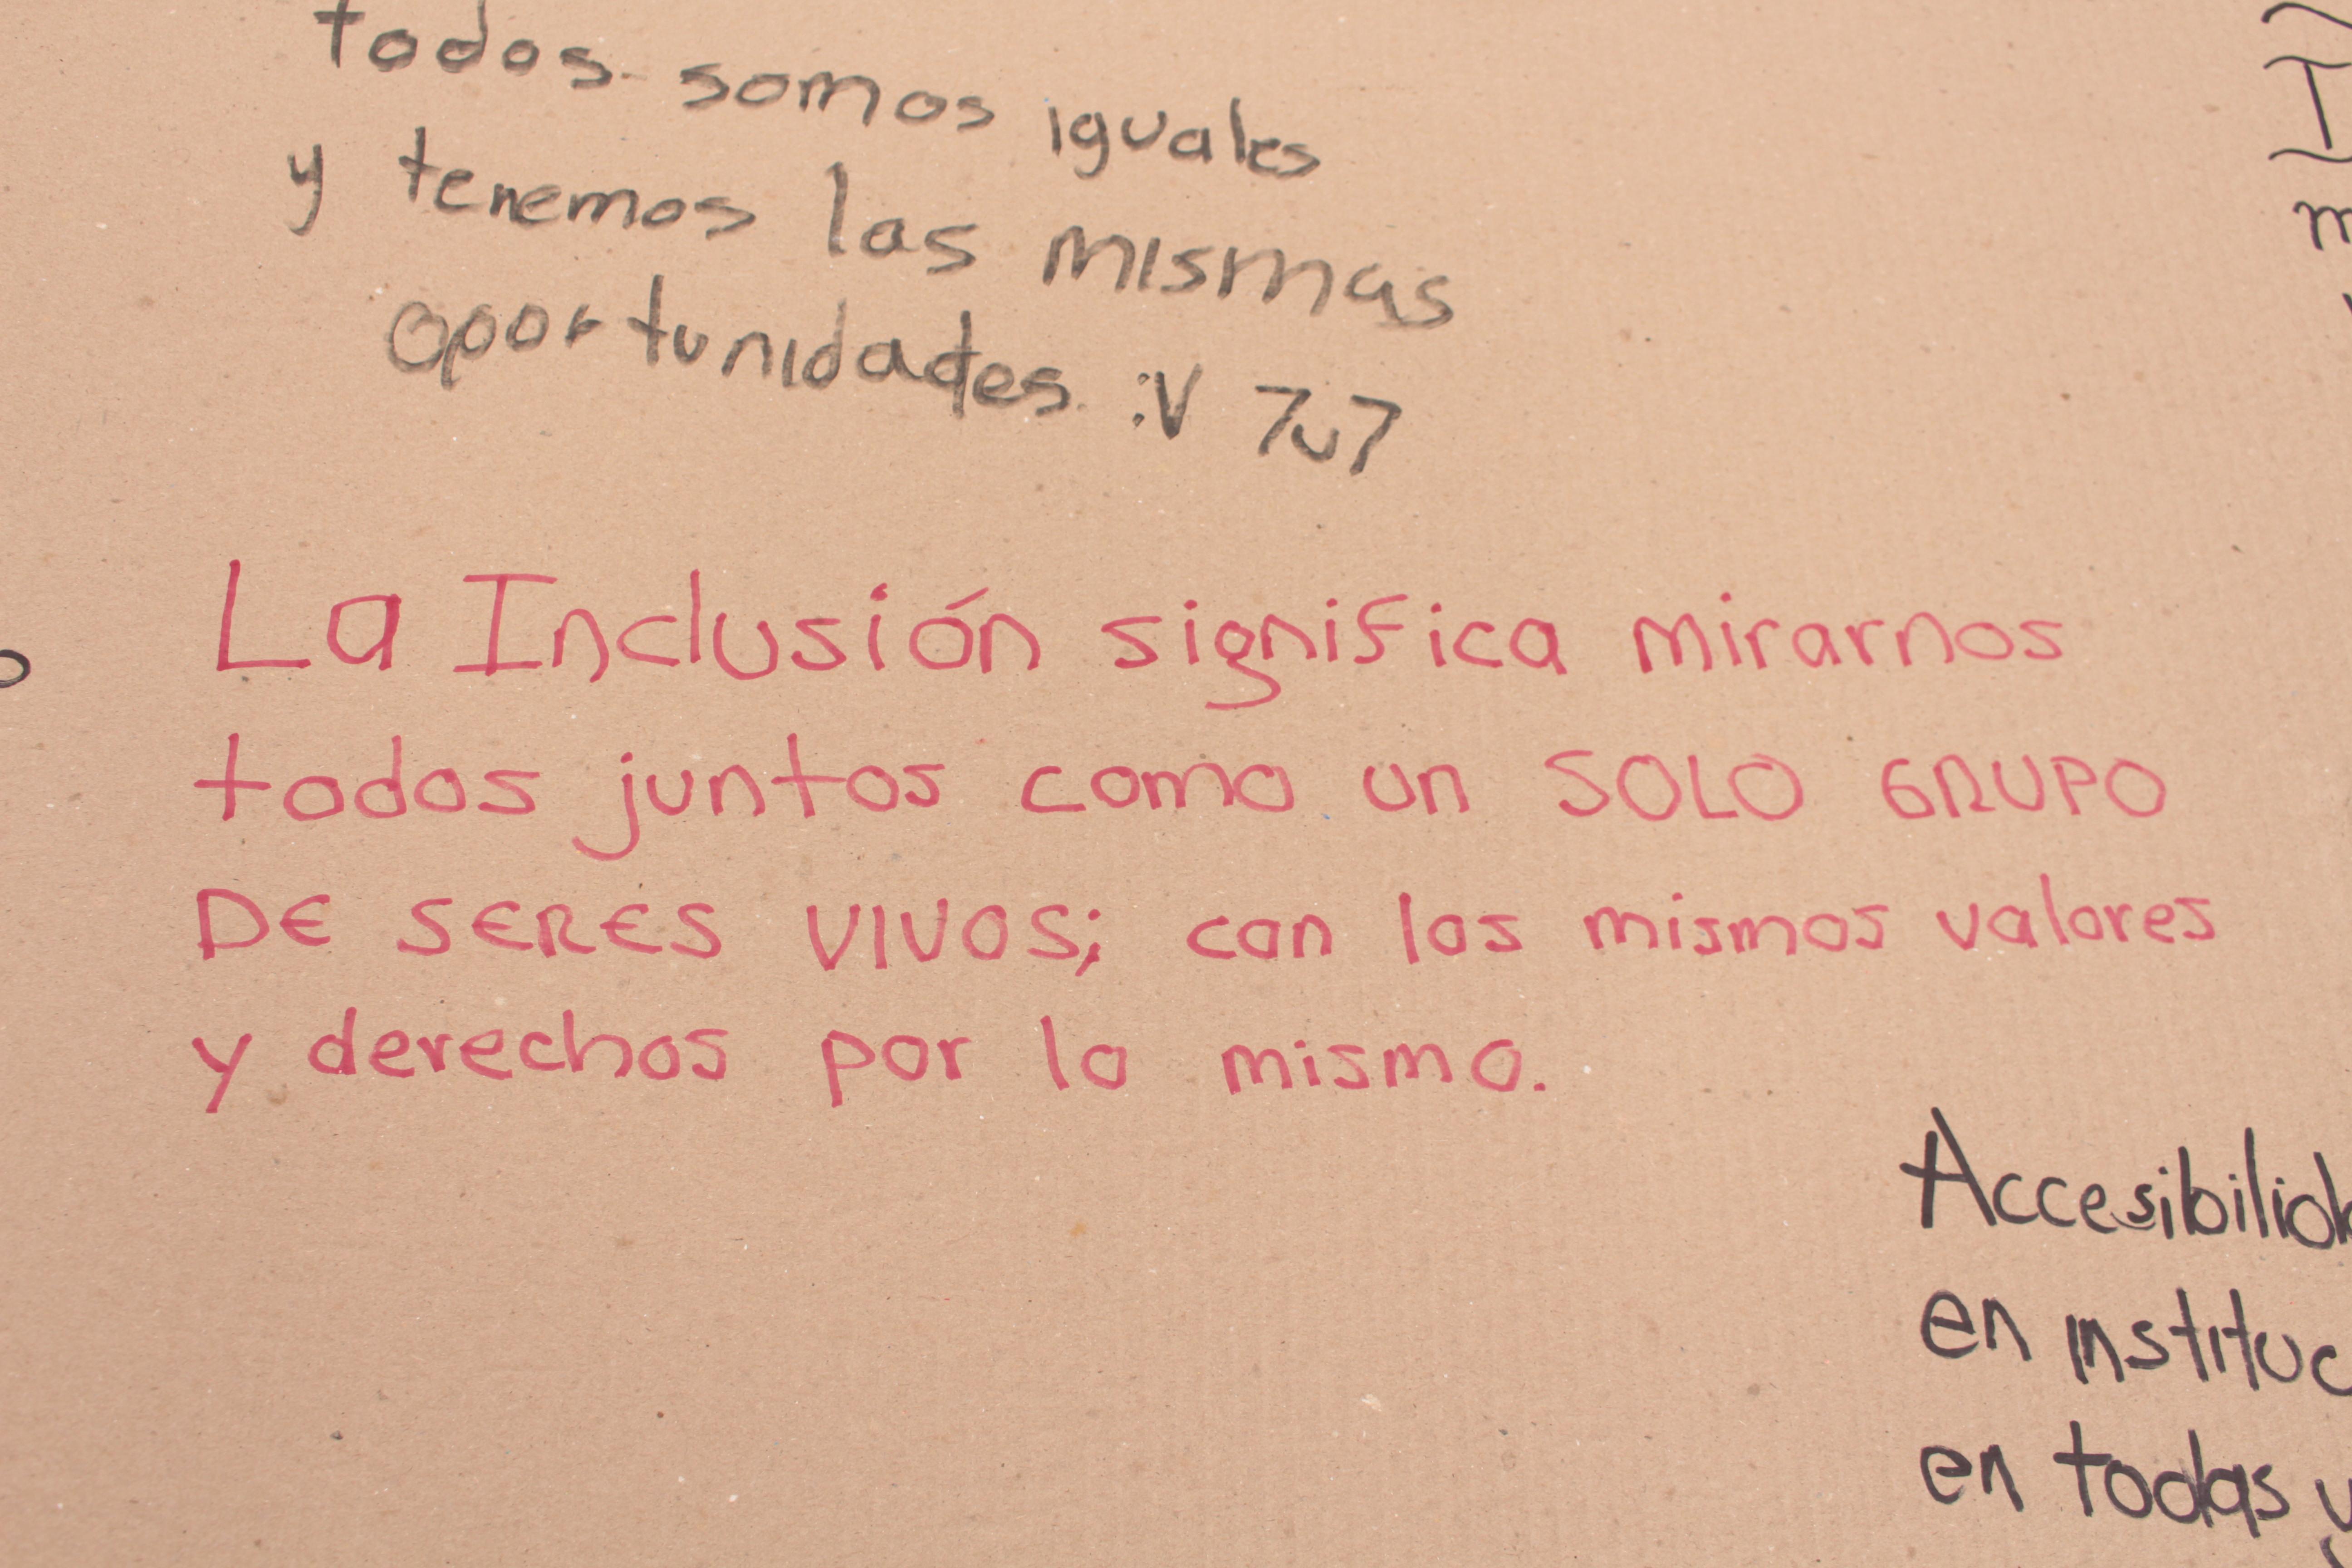 La inclusión significa mirarnos todos juntos como un solo grupo de seres vivos con los mismos valores y derechos por lo mismo